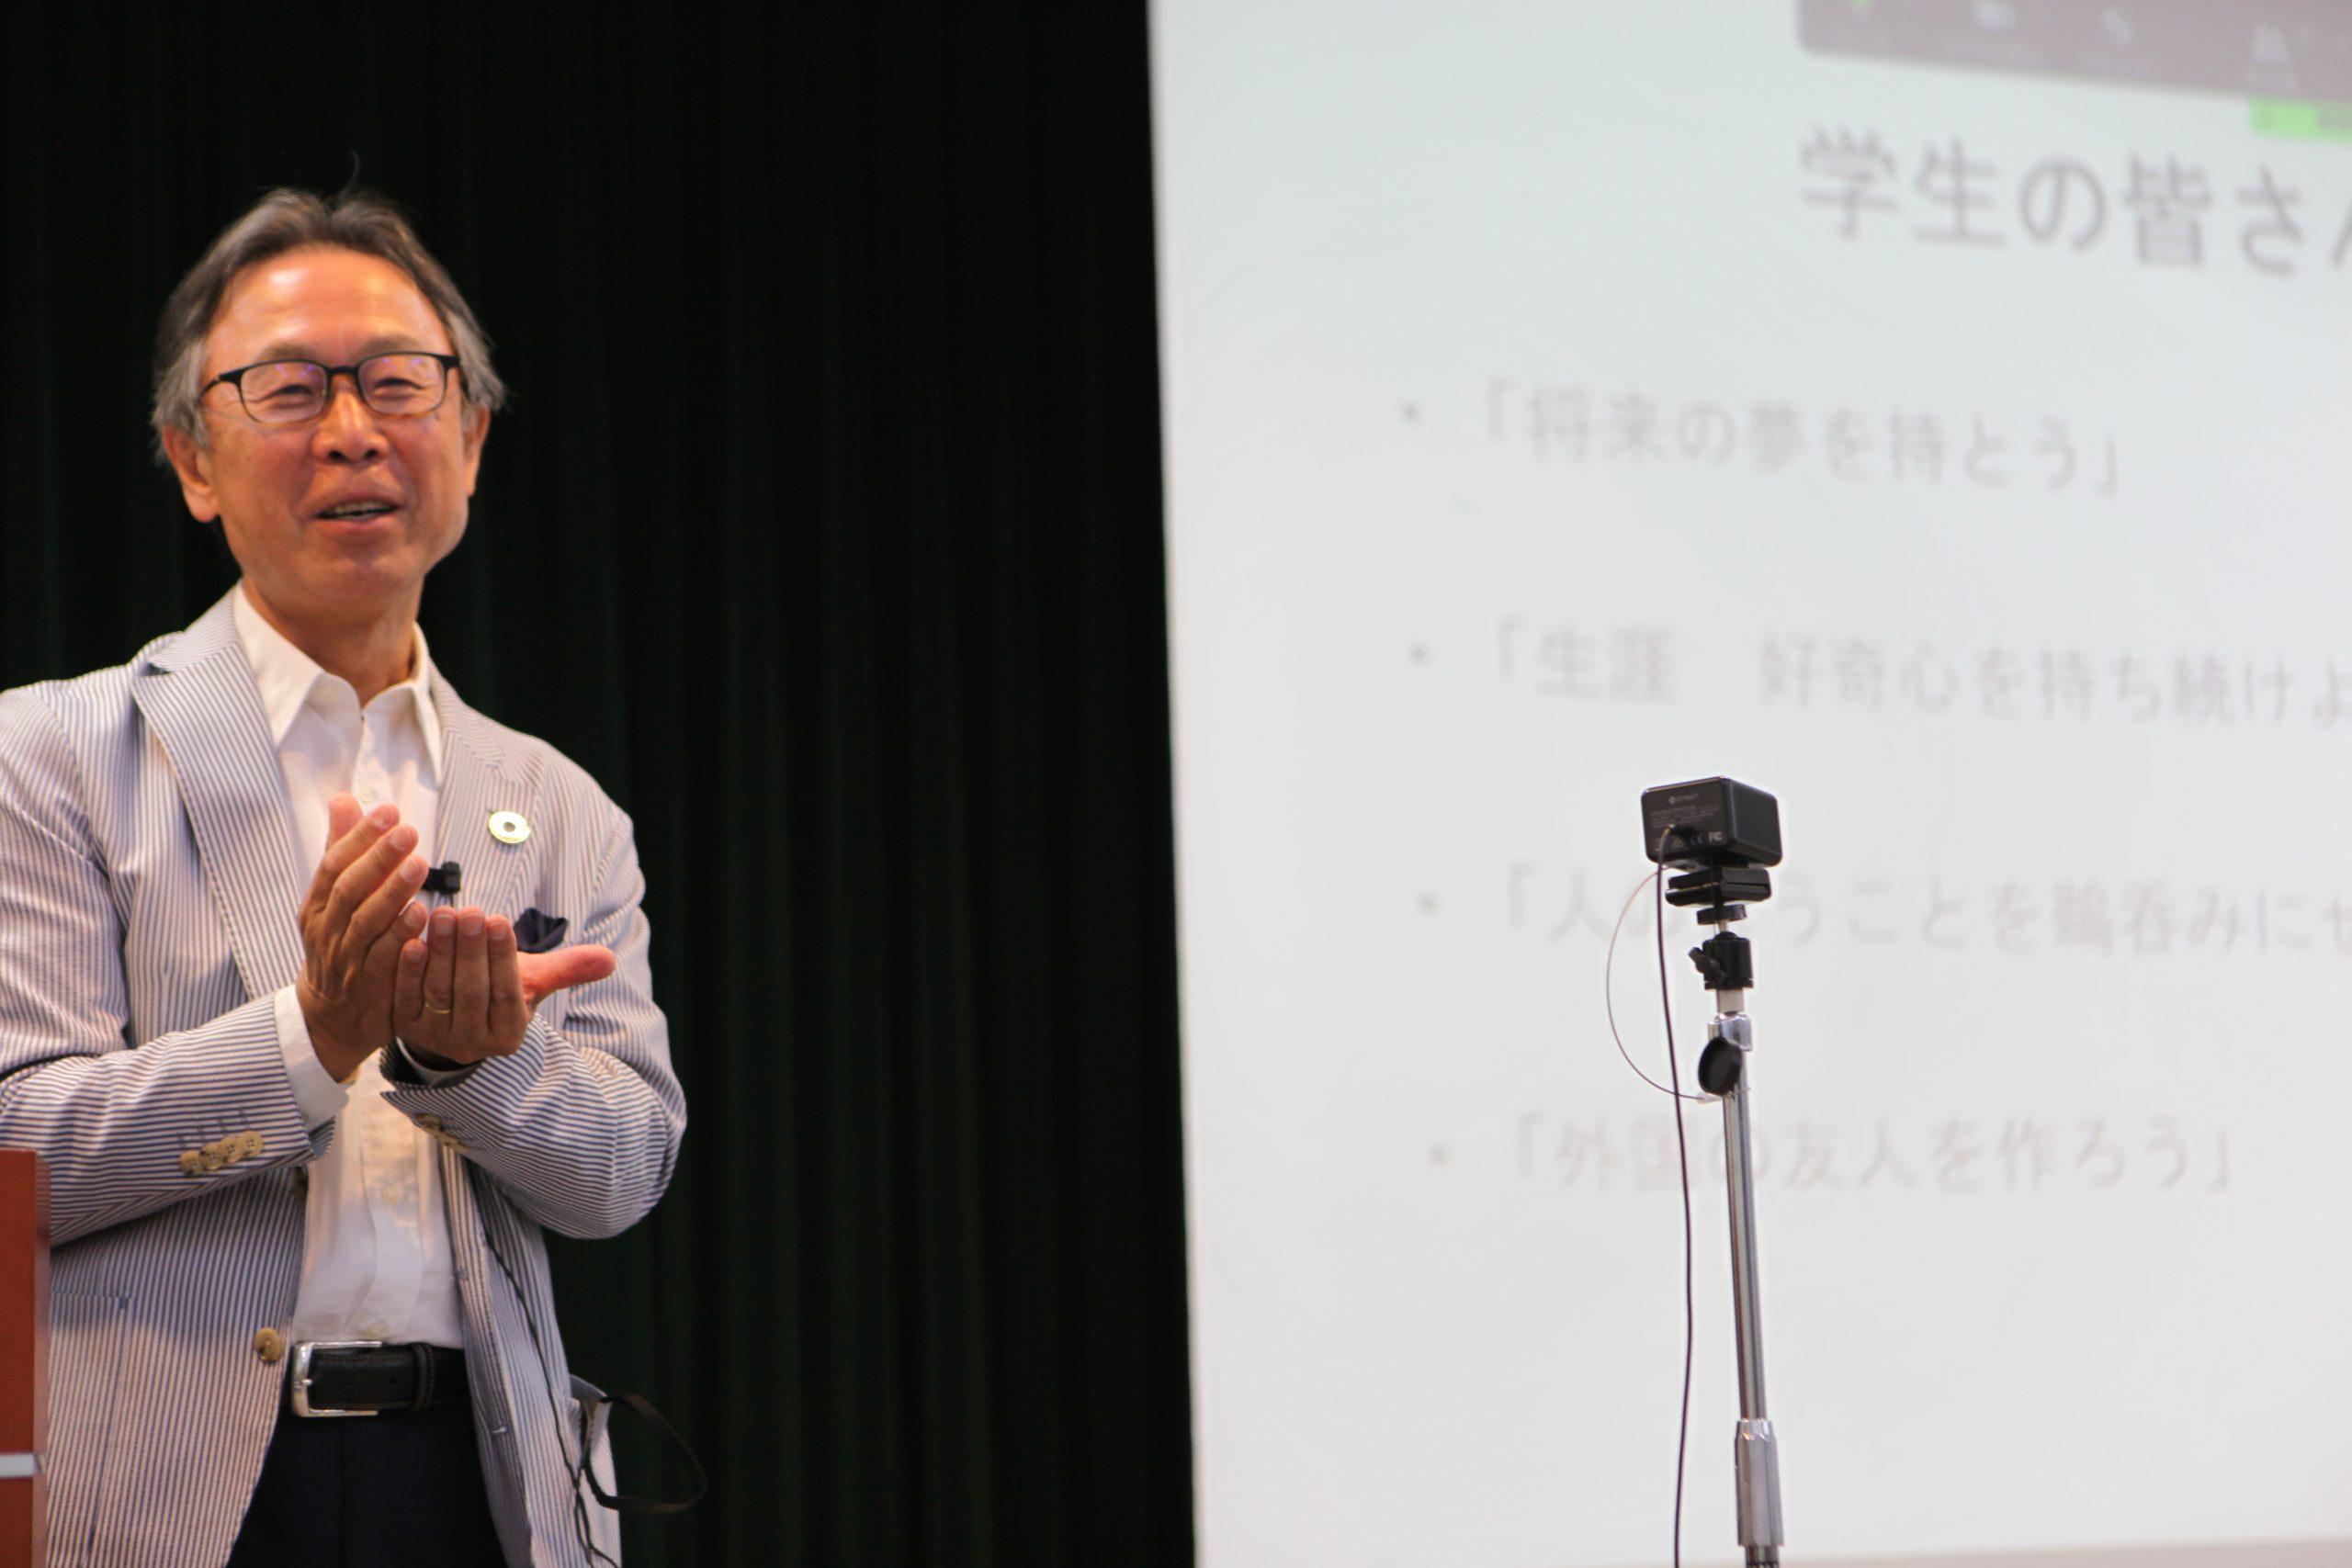 元国連大使の吉川元偉先生による特別講演会が開催されました